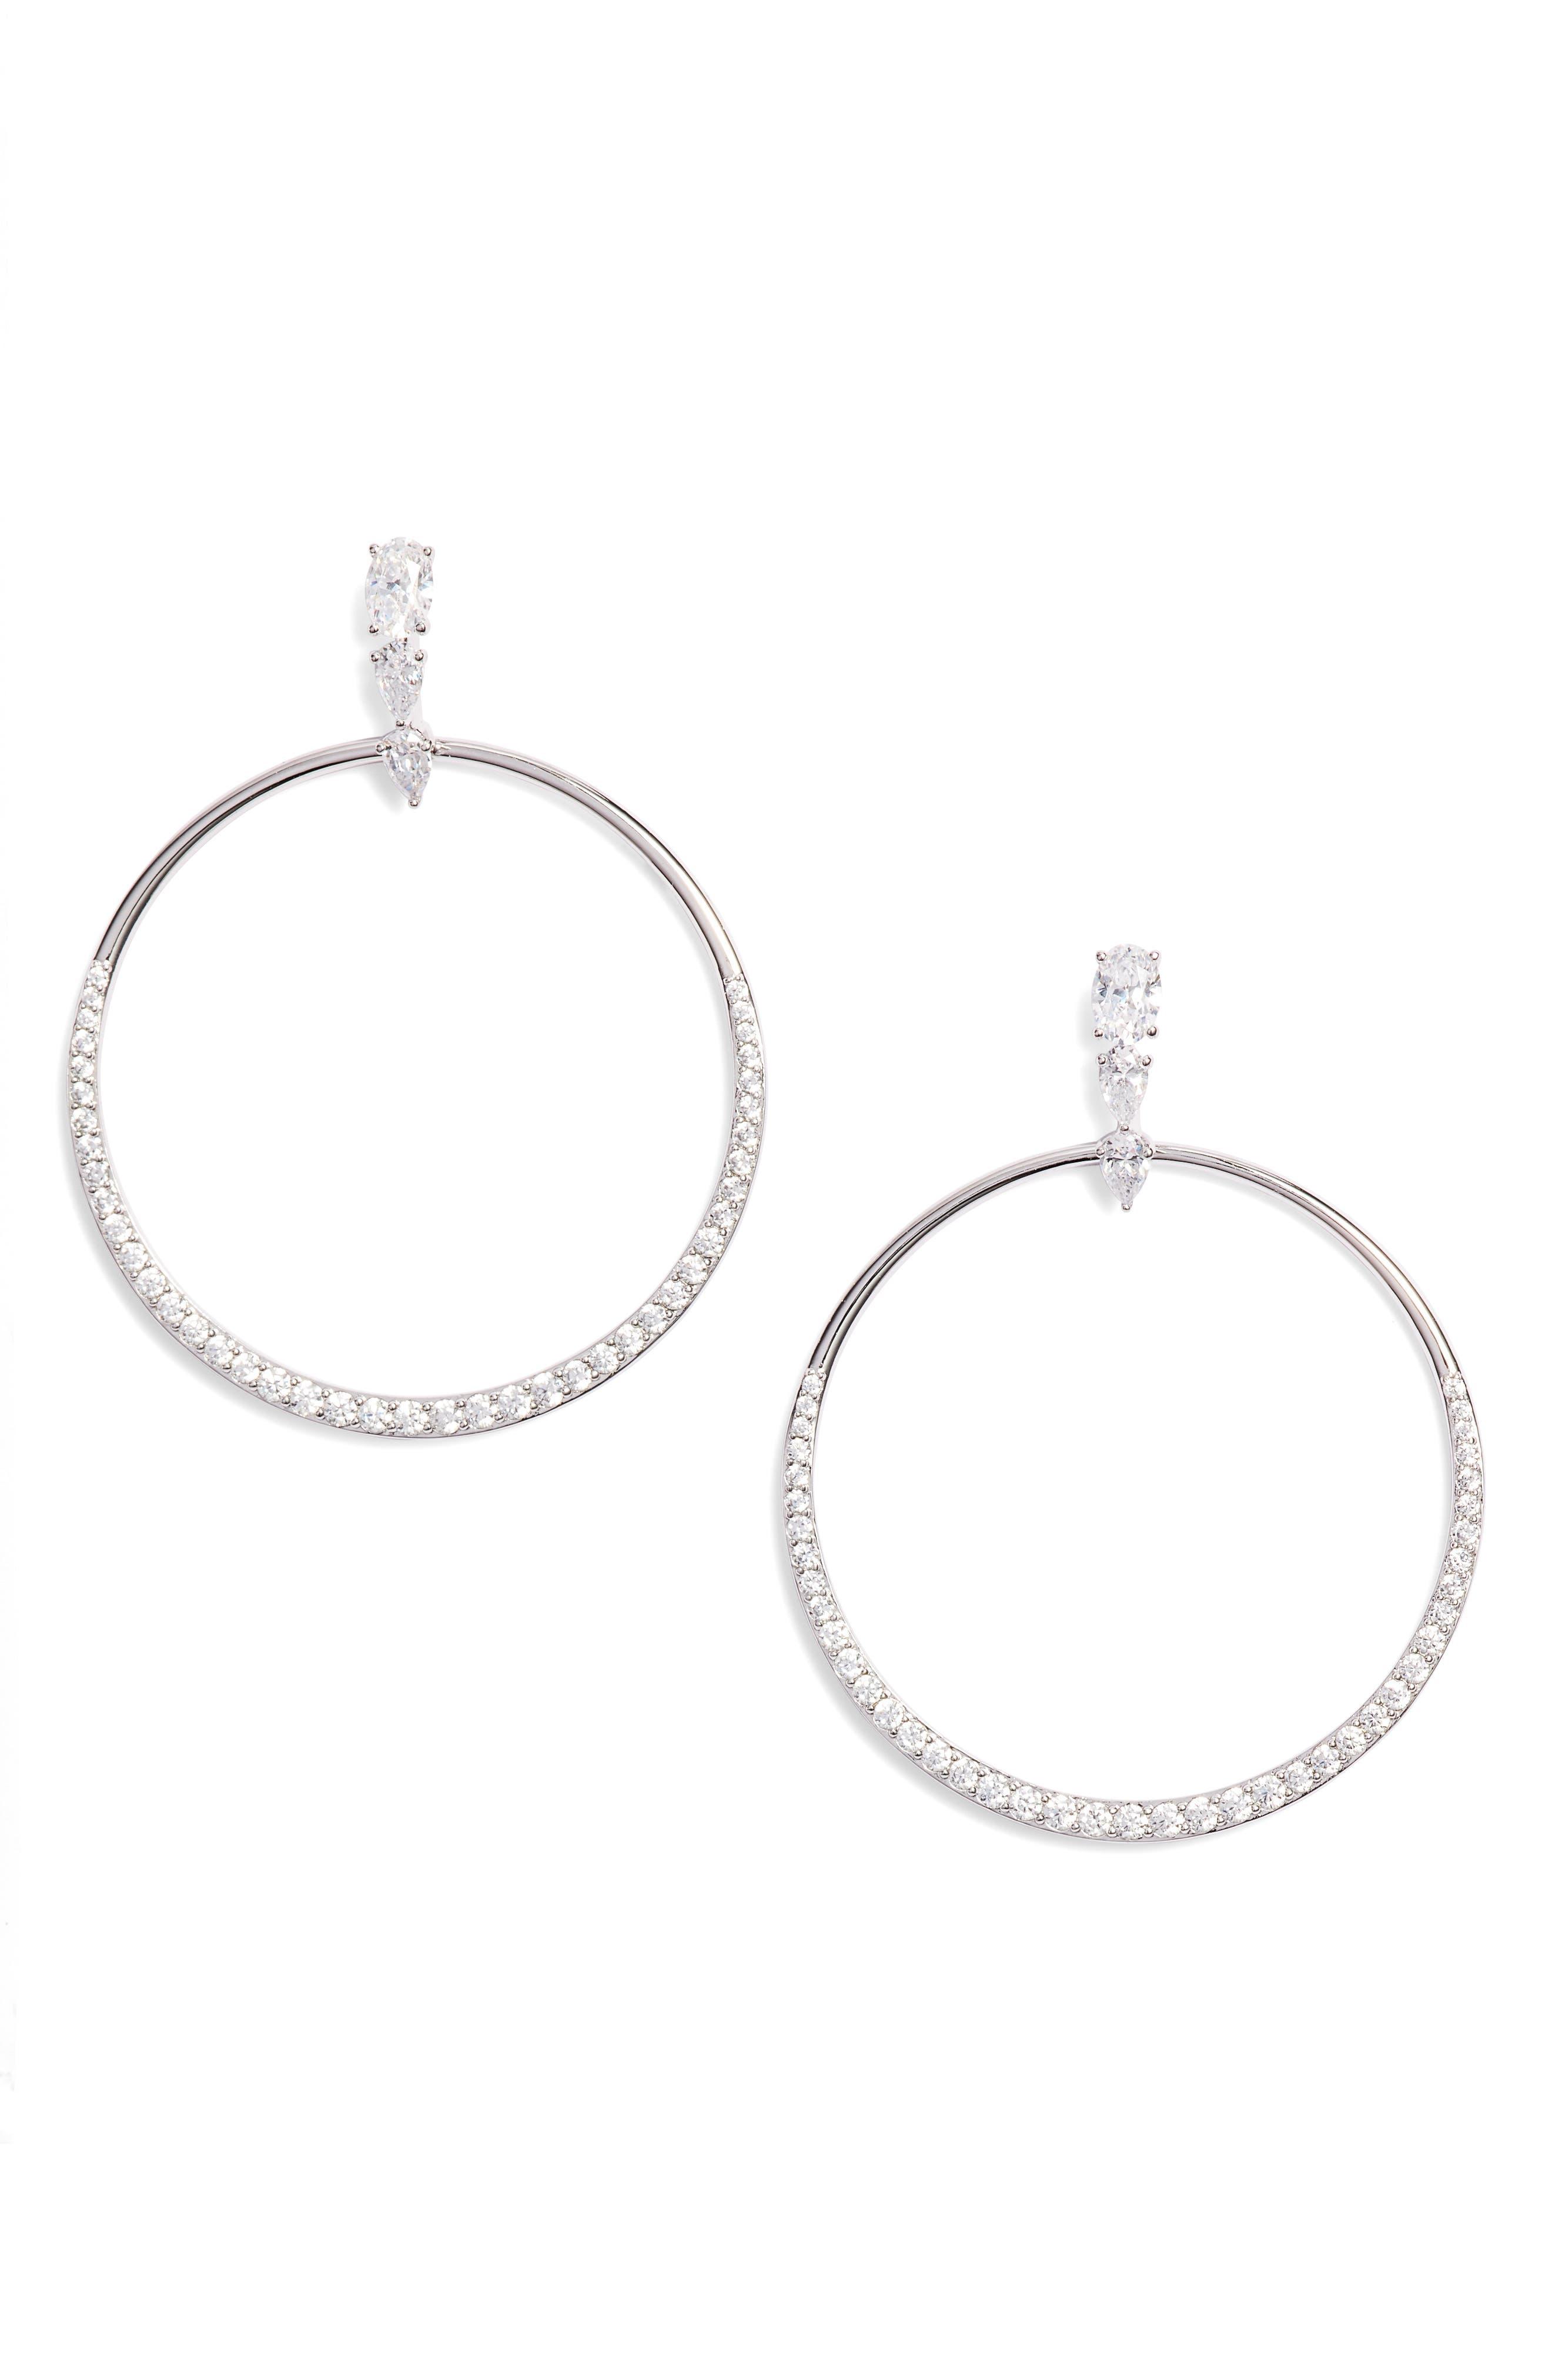 NADRI Fete Gradient Cubic Zirconia Hoop Earrings in Black